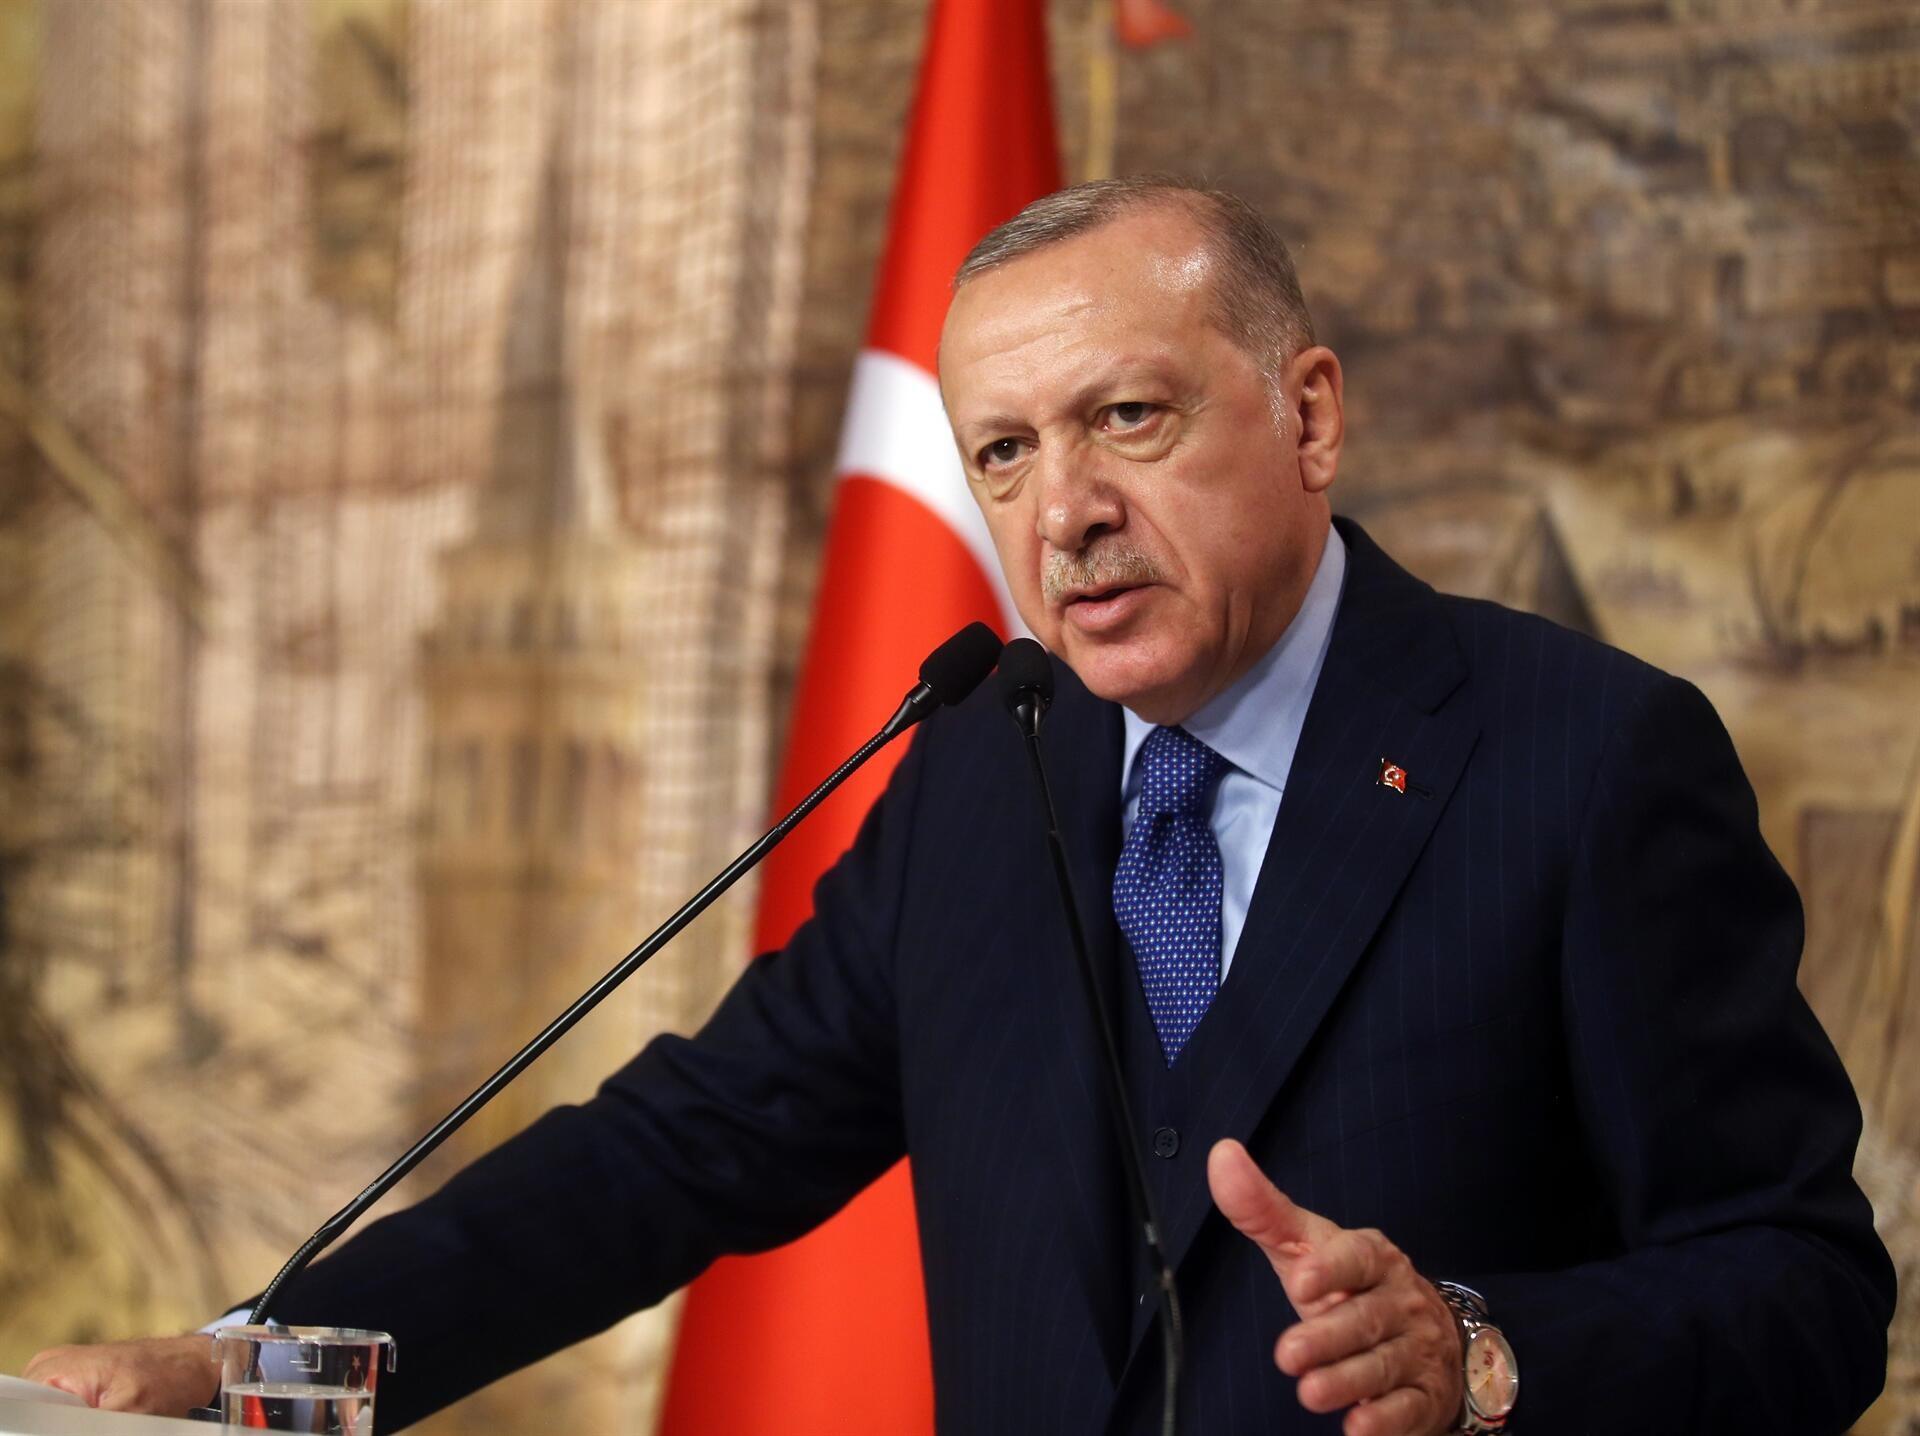 ЕРДОГАН Е УВЕРЕН ДЕКА ПОЖАРИТЕ СЕ ПОДМЕТНАТИ - во Турција приведено осомничено лице